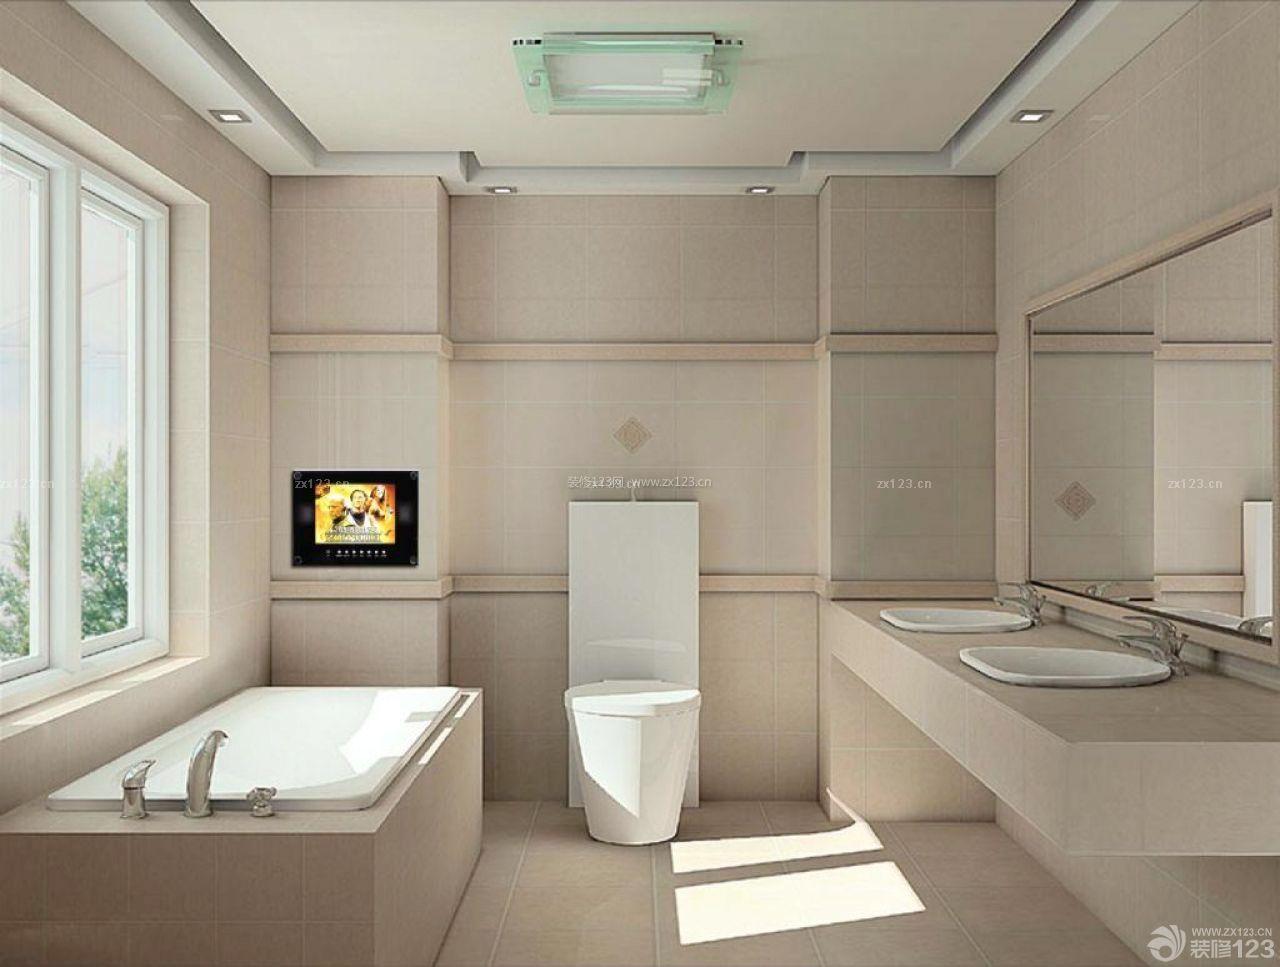 现代时尚房子卫生间浴室装修设计效果图